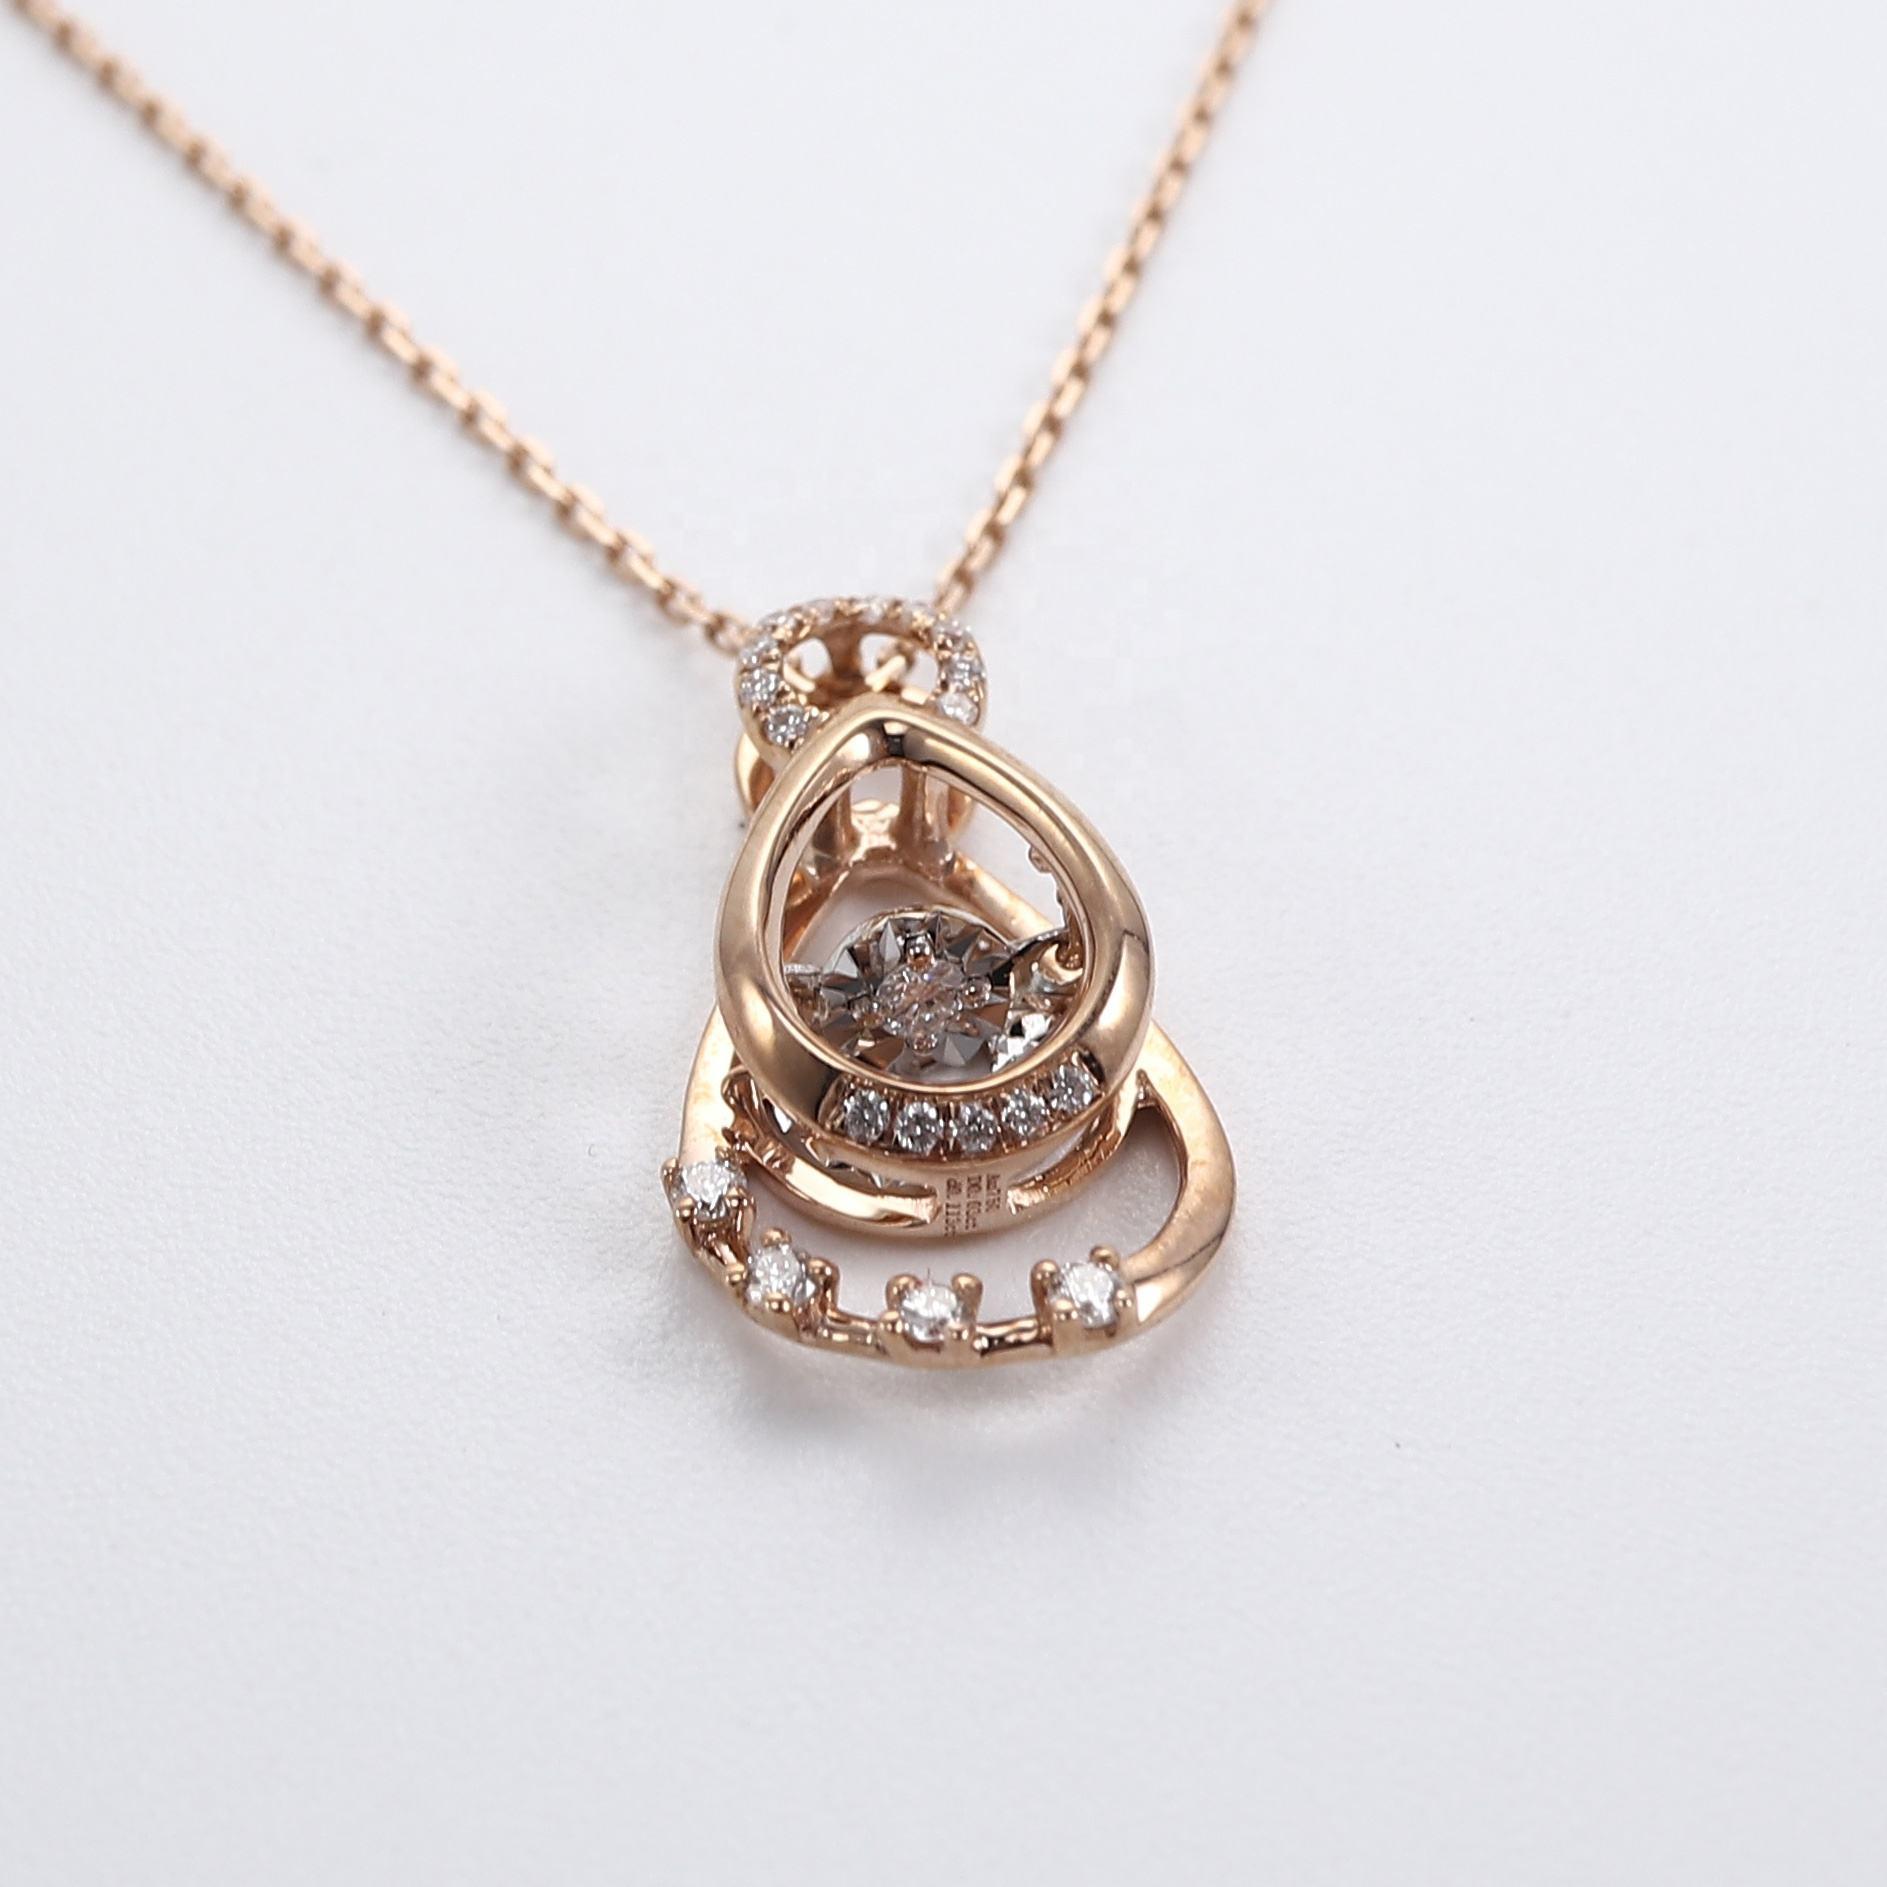 Conception personnalisée Bijoux Fabricant Mobile Bacel Diamant 18k Solide Or Larme Pendentif Lien Chaîne Collier